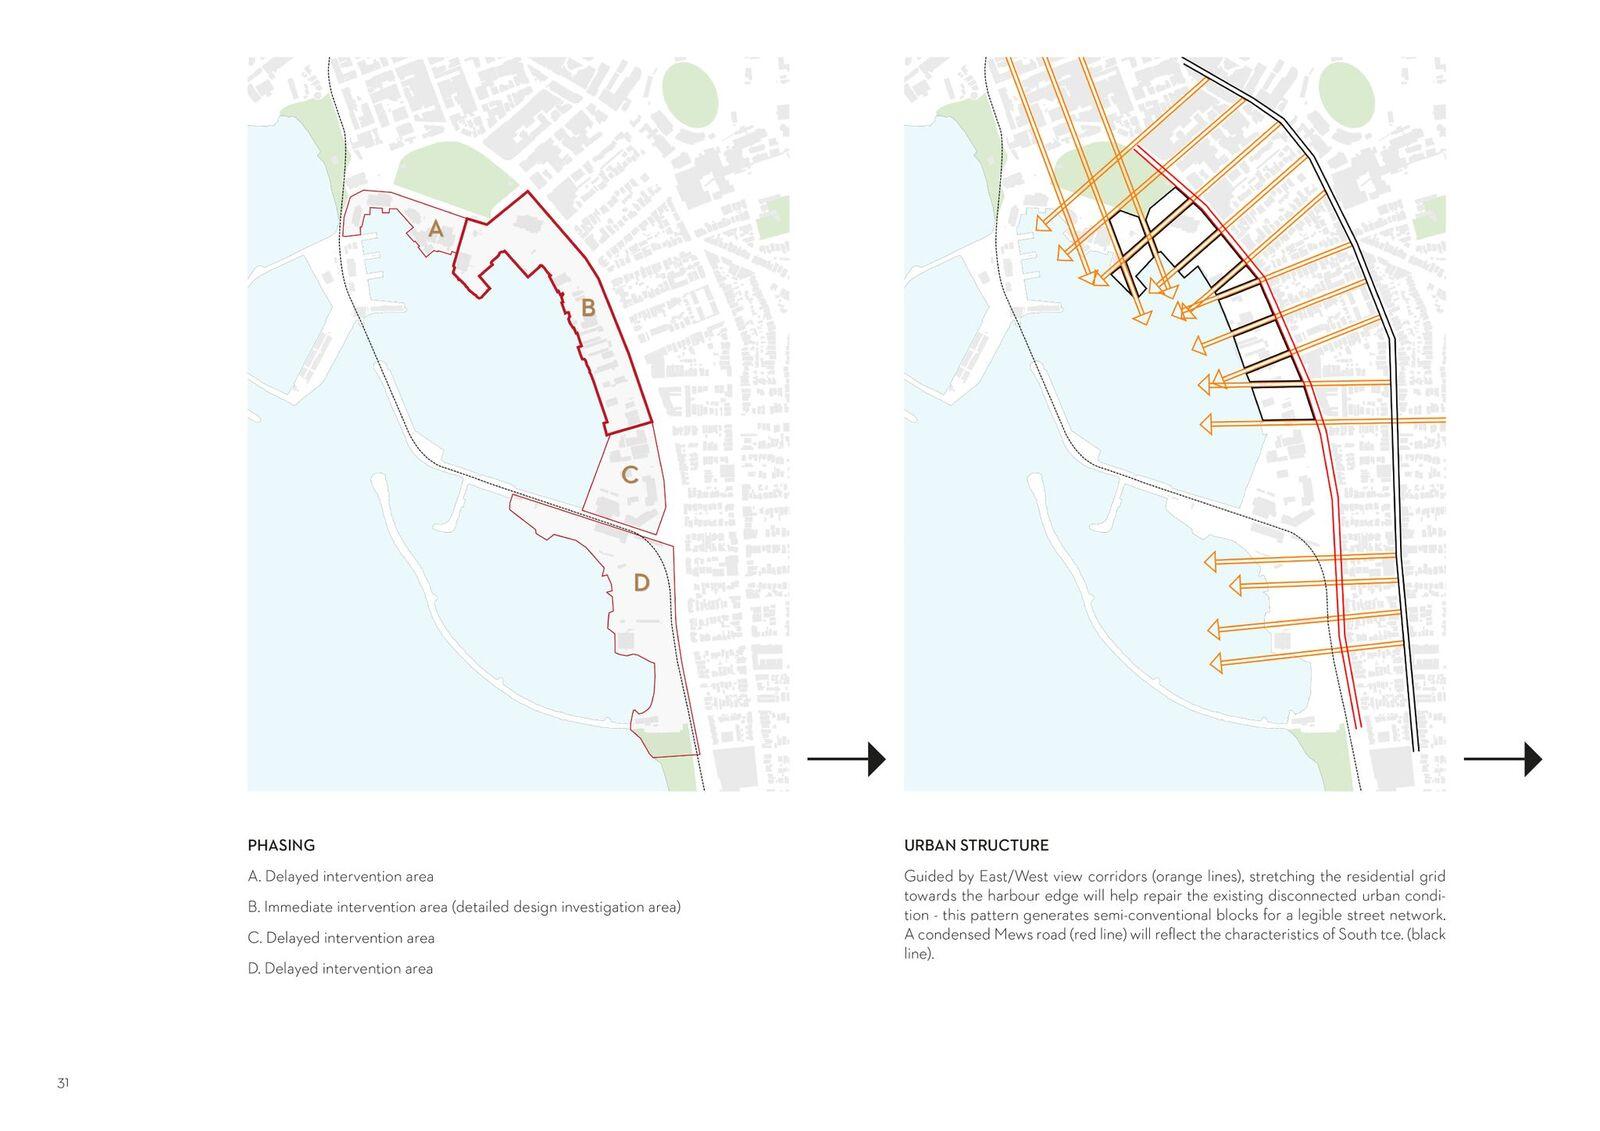 Gareth Ringrose. Master of Urban Design Thesis. 2014. Concept Diagram